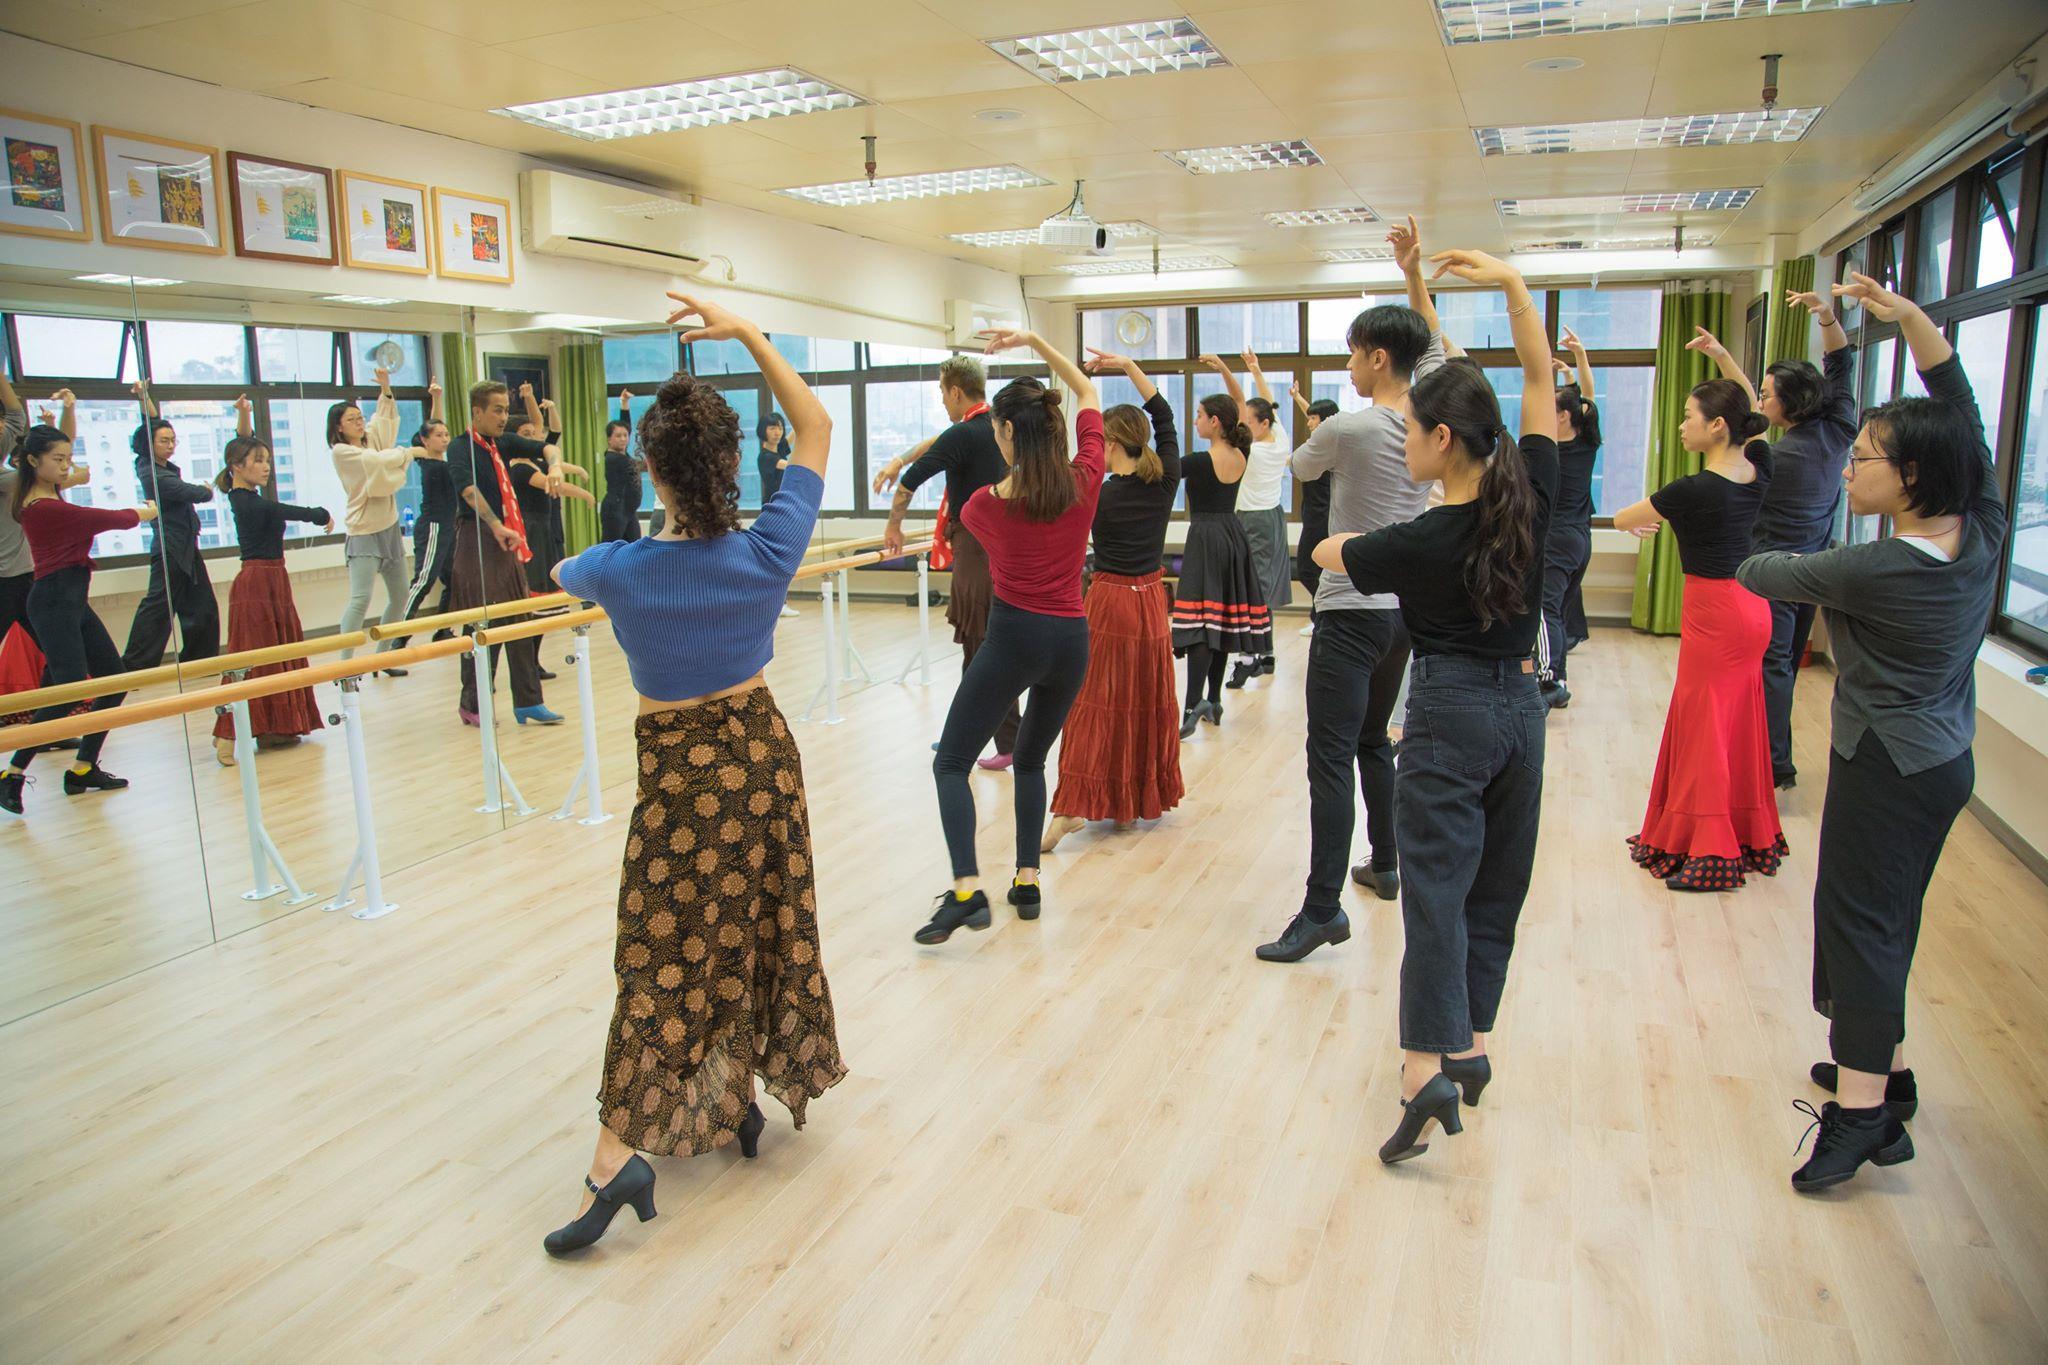 Dança | Centro de Educação Artística promove cursos de flamenco